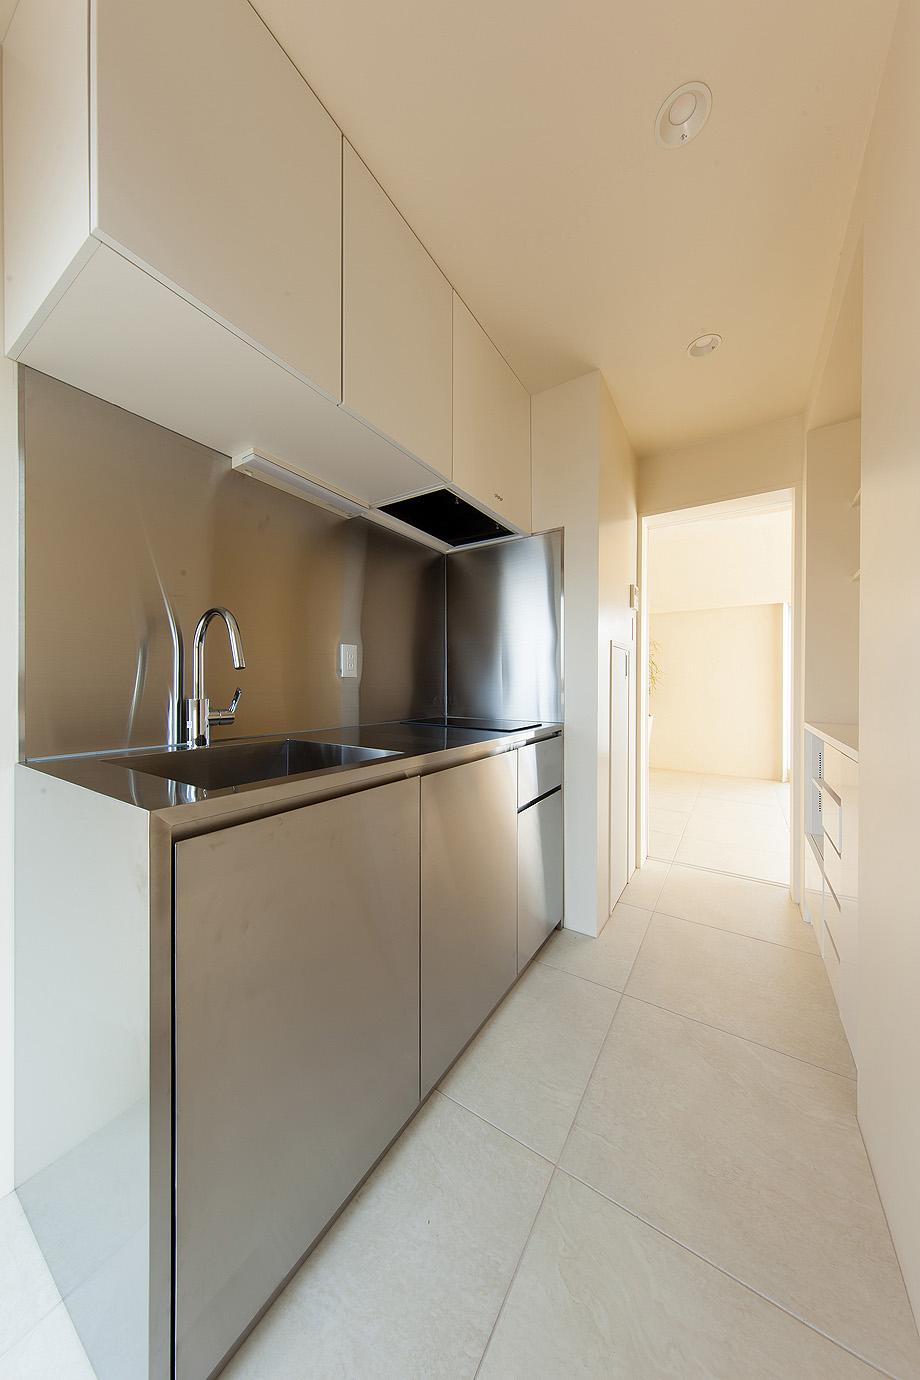 apartamento 402 en shibuya por hiroyuki ogawa (20)